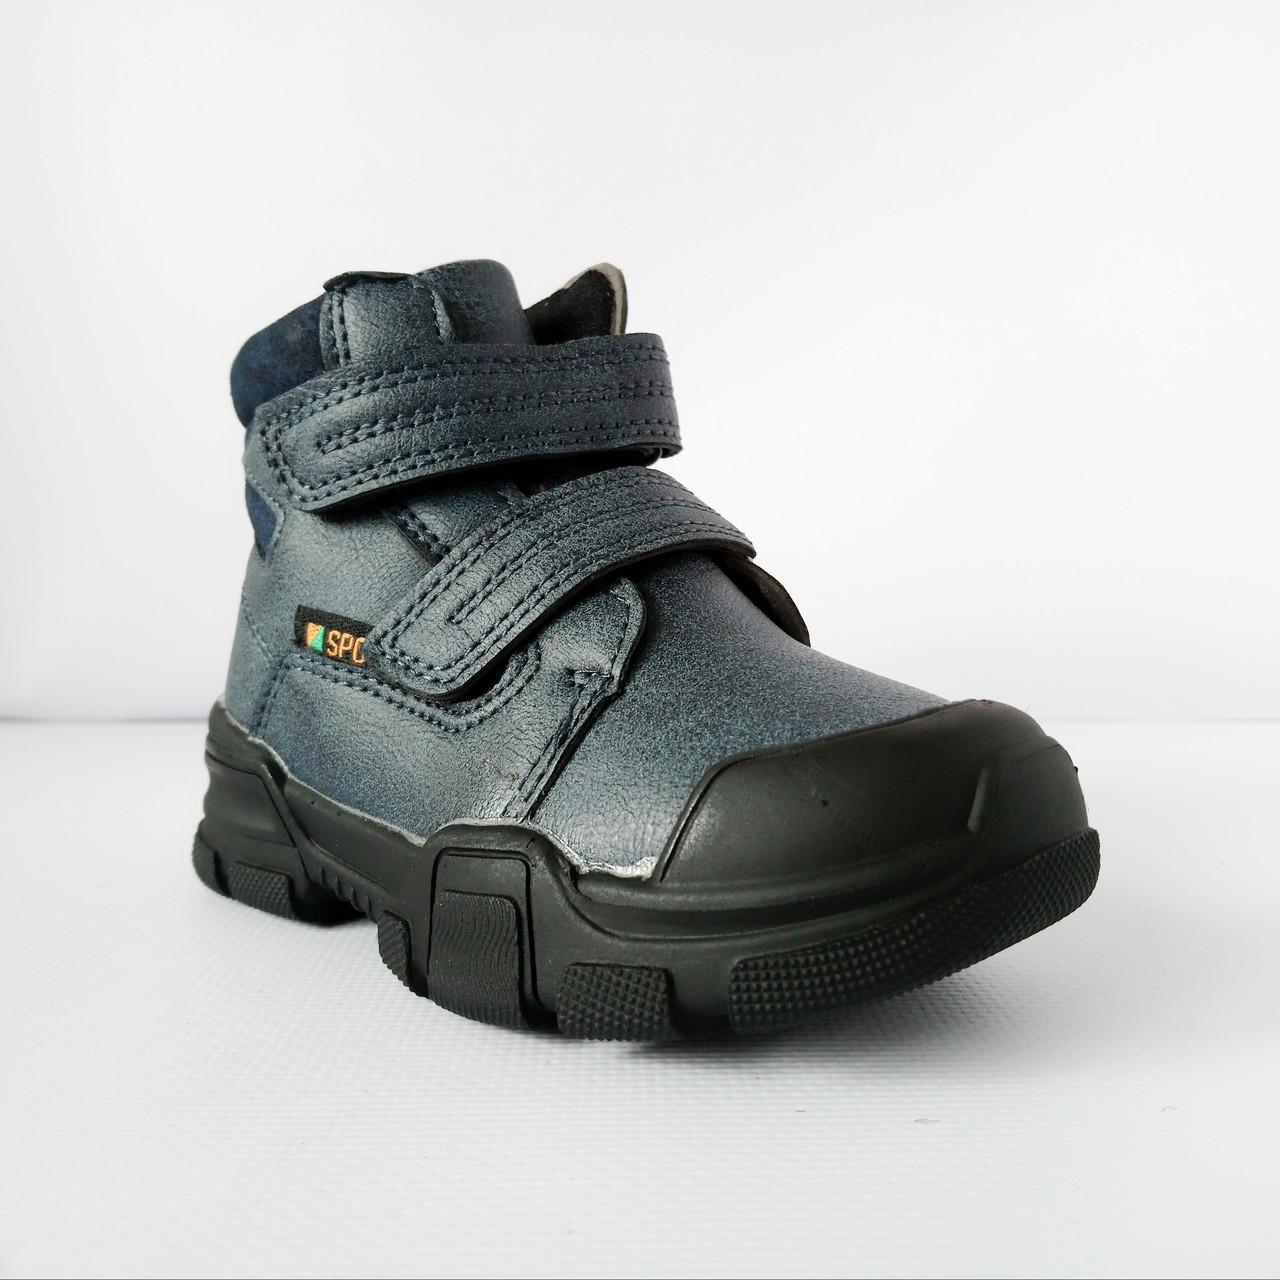 Ботинки с защитой носка мальчикам, р. 28, 29, 30, 32. Демисезон